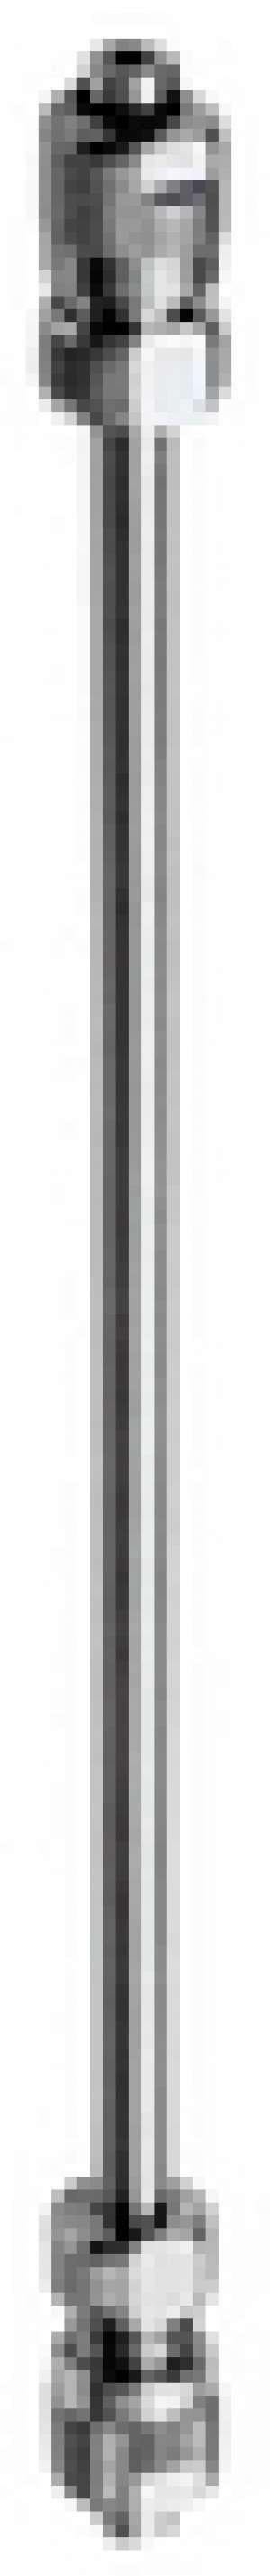 LiChrospher® RP-8 (5µm) LiChroCART® 250-4.6 HPLC cartridge Merck